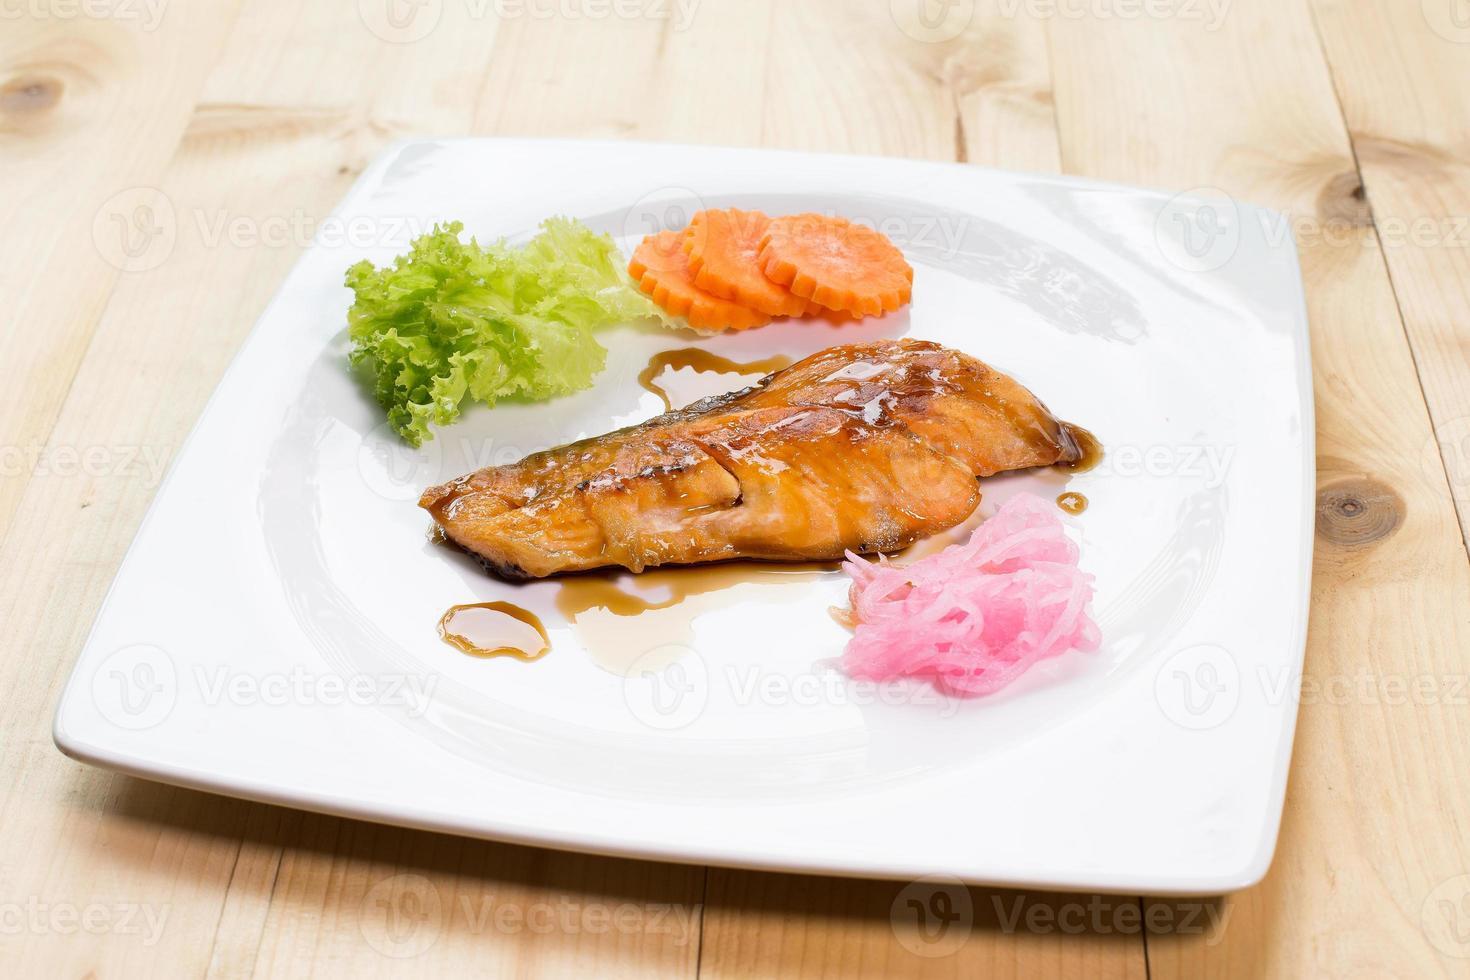 salmón asado comer con salsa kabayaki comida japonesa, foto